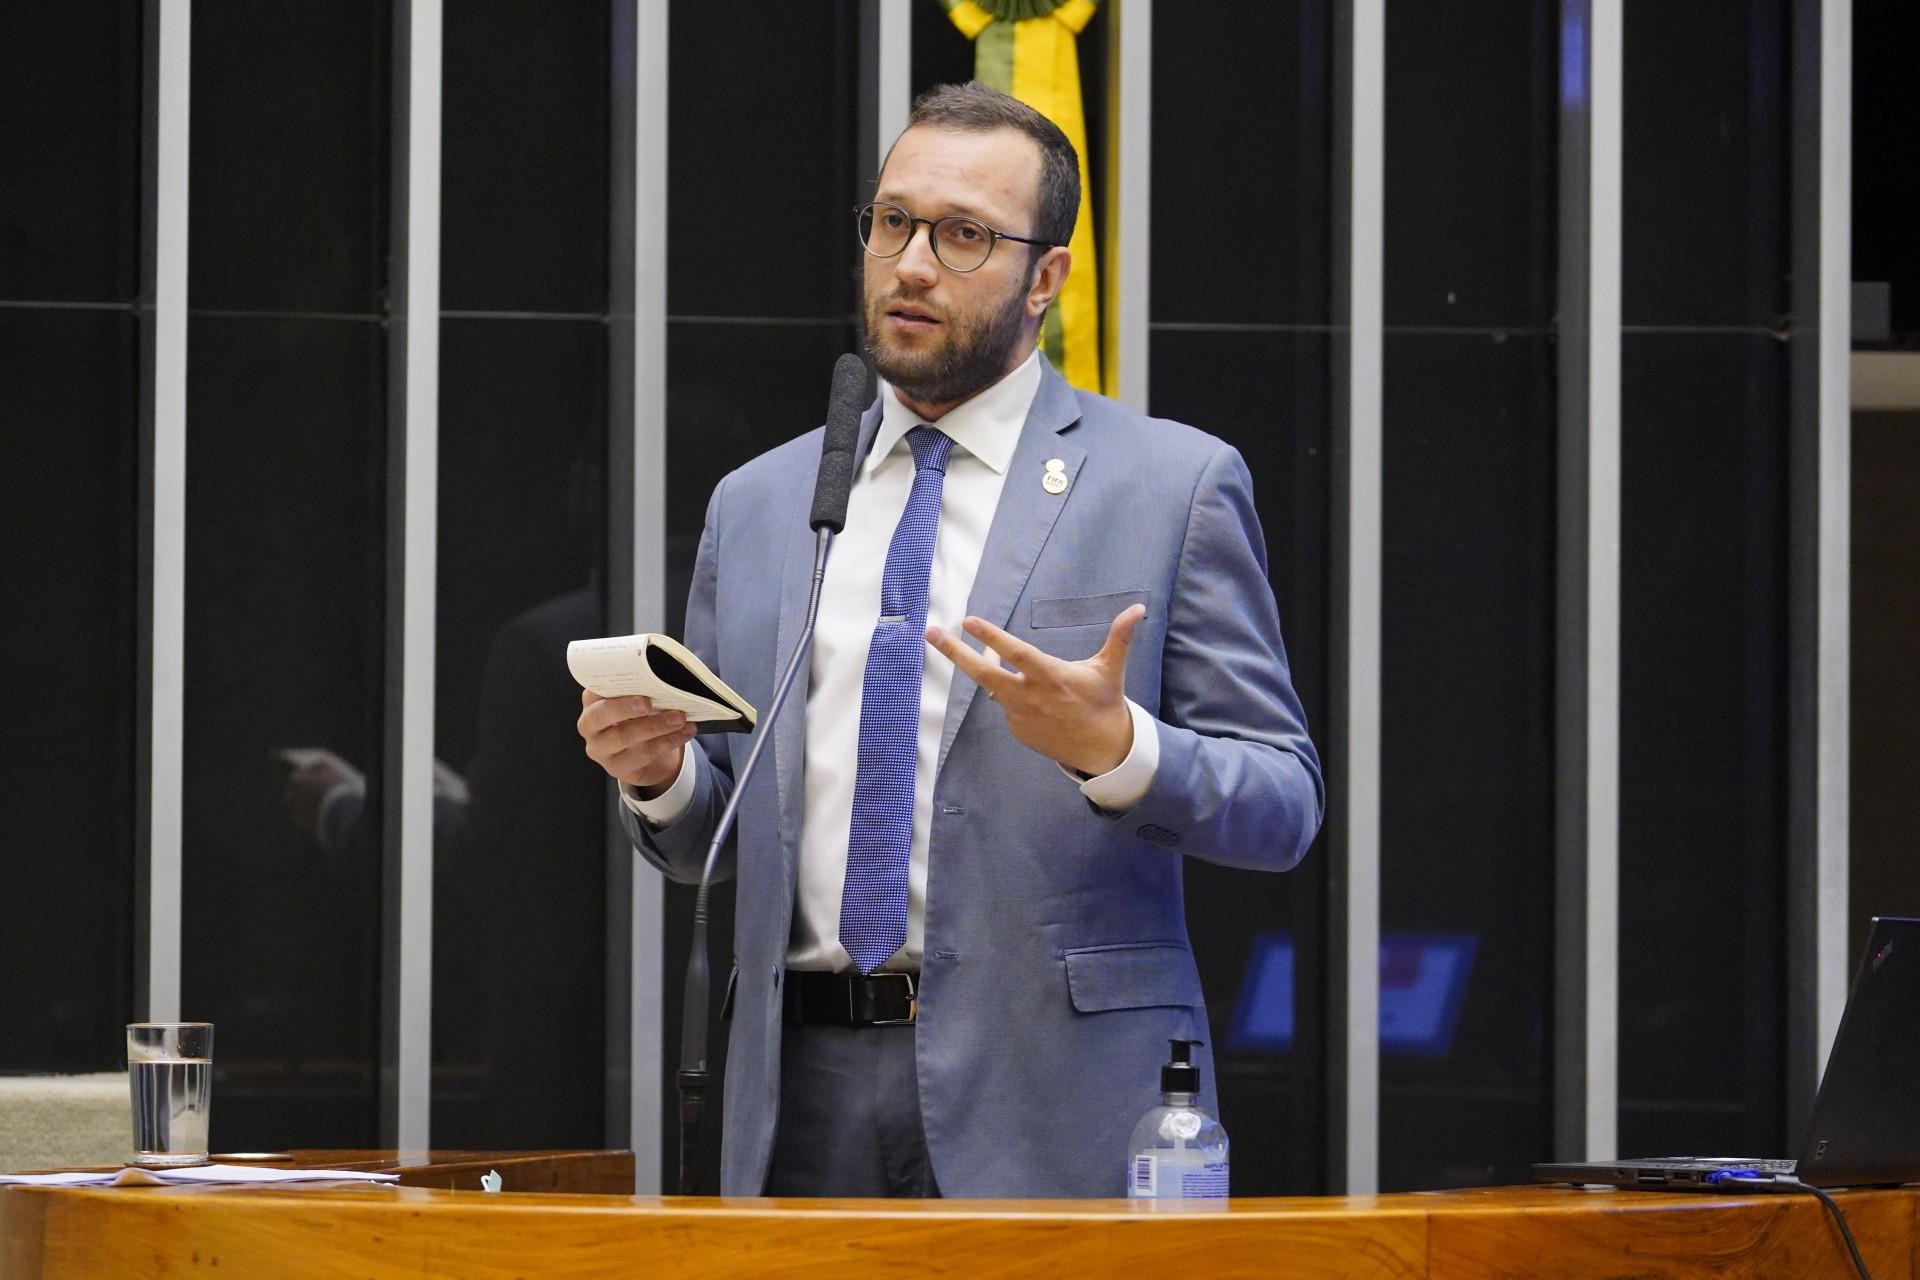 Filipe Barros, bolsonarista e relator da PEC (Foto: pablo valadares/agência câmara)